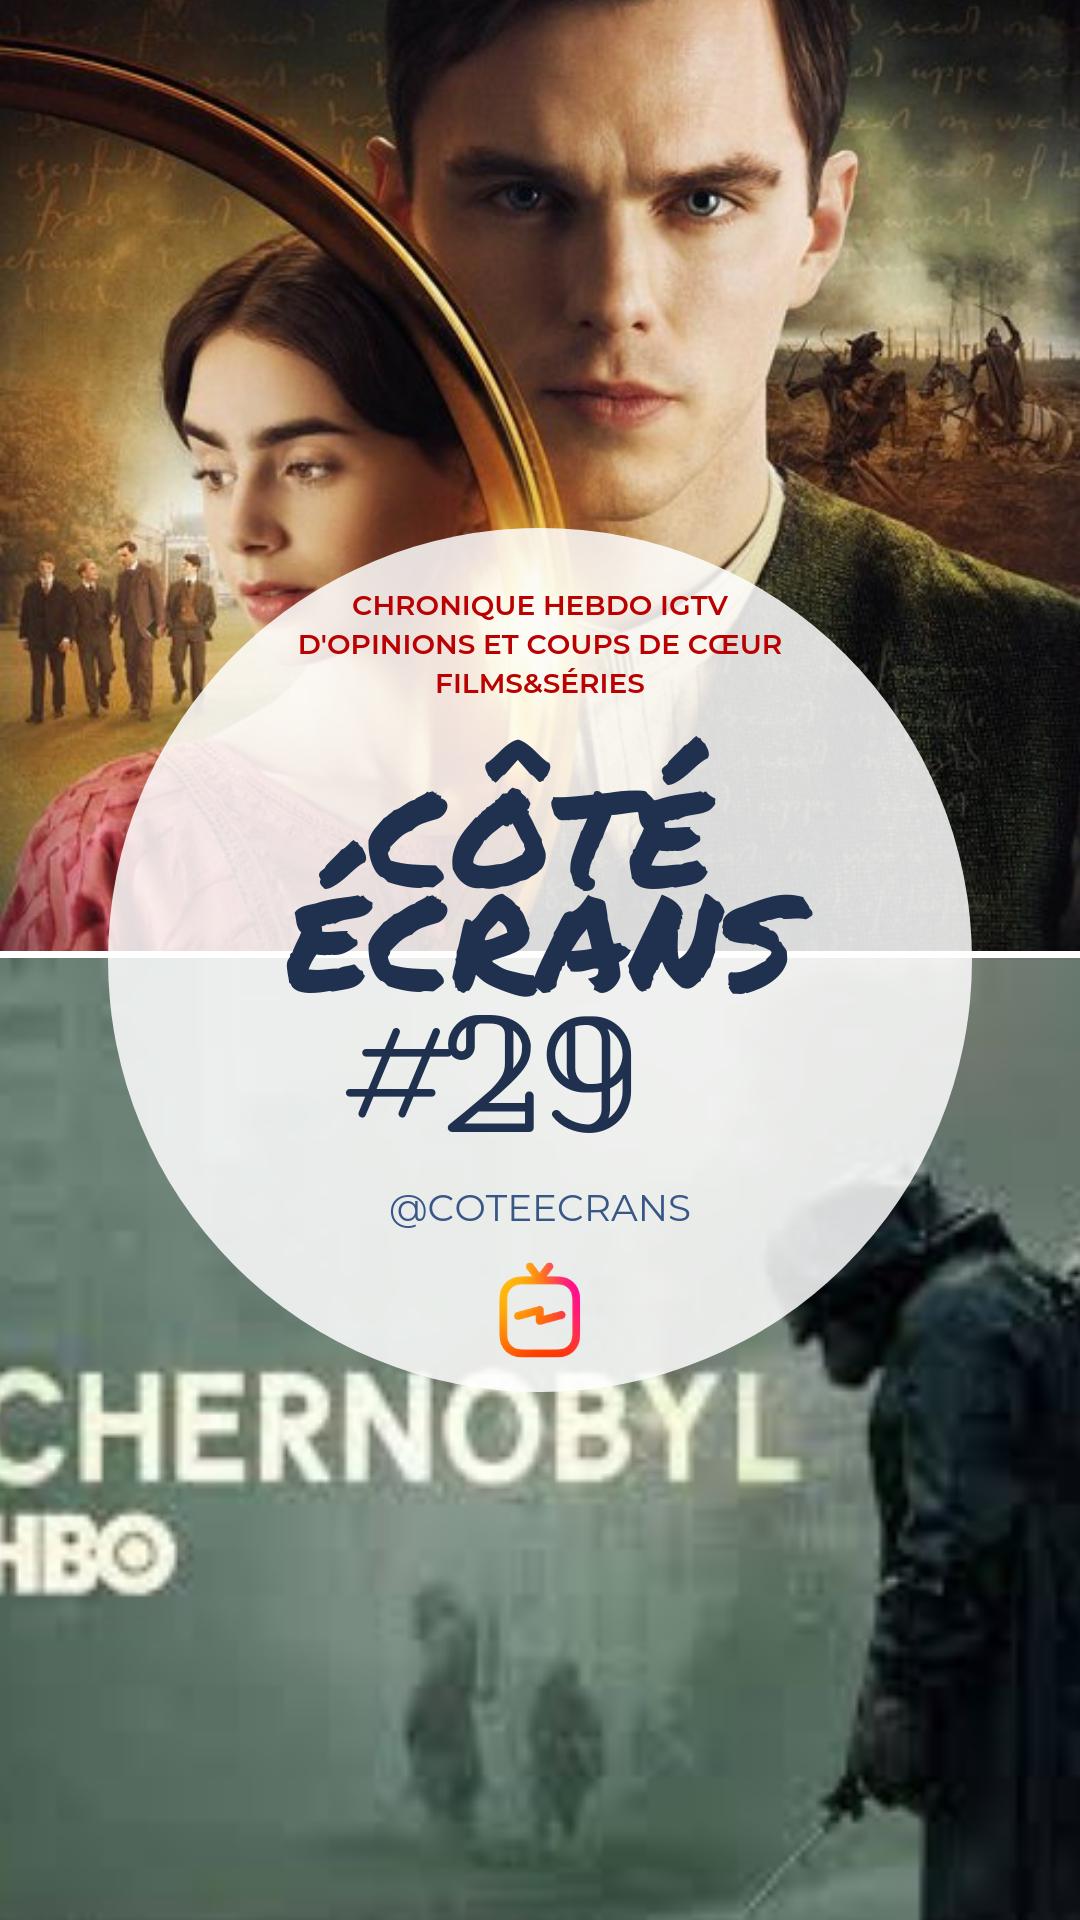 Critique film et serie : Tolkien et Chernobyl